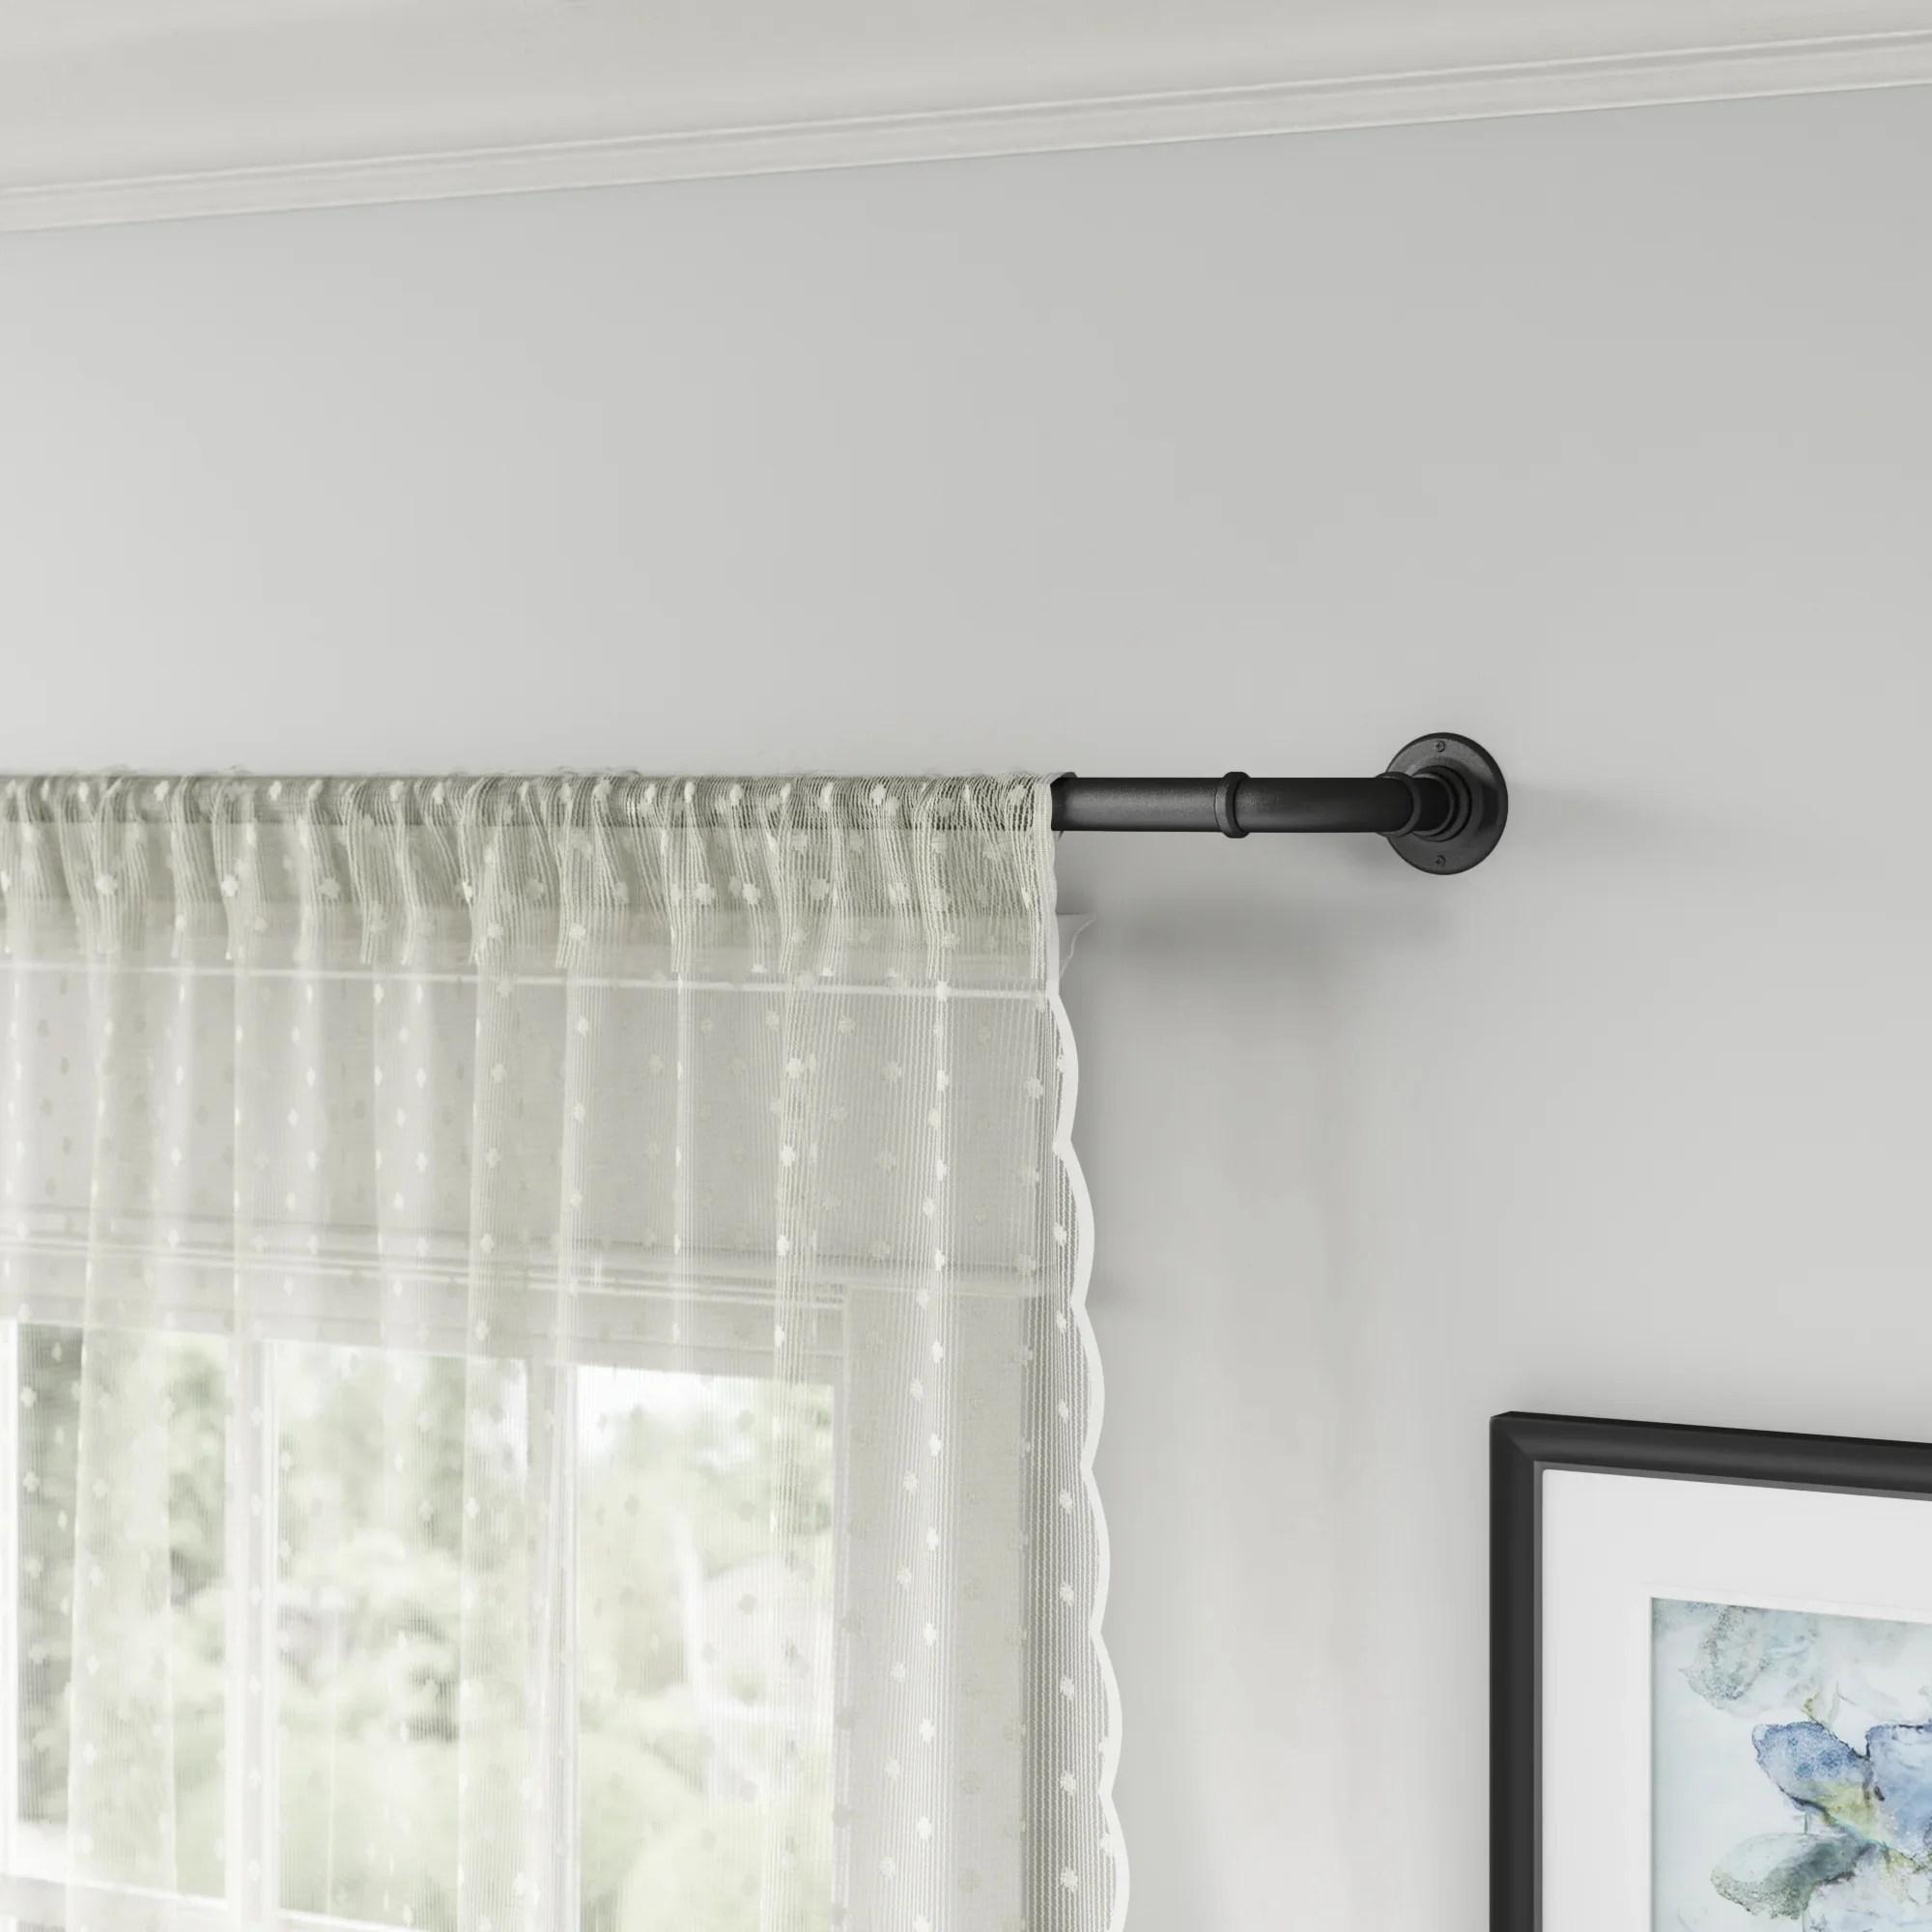 18 inch rod curtain hardware